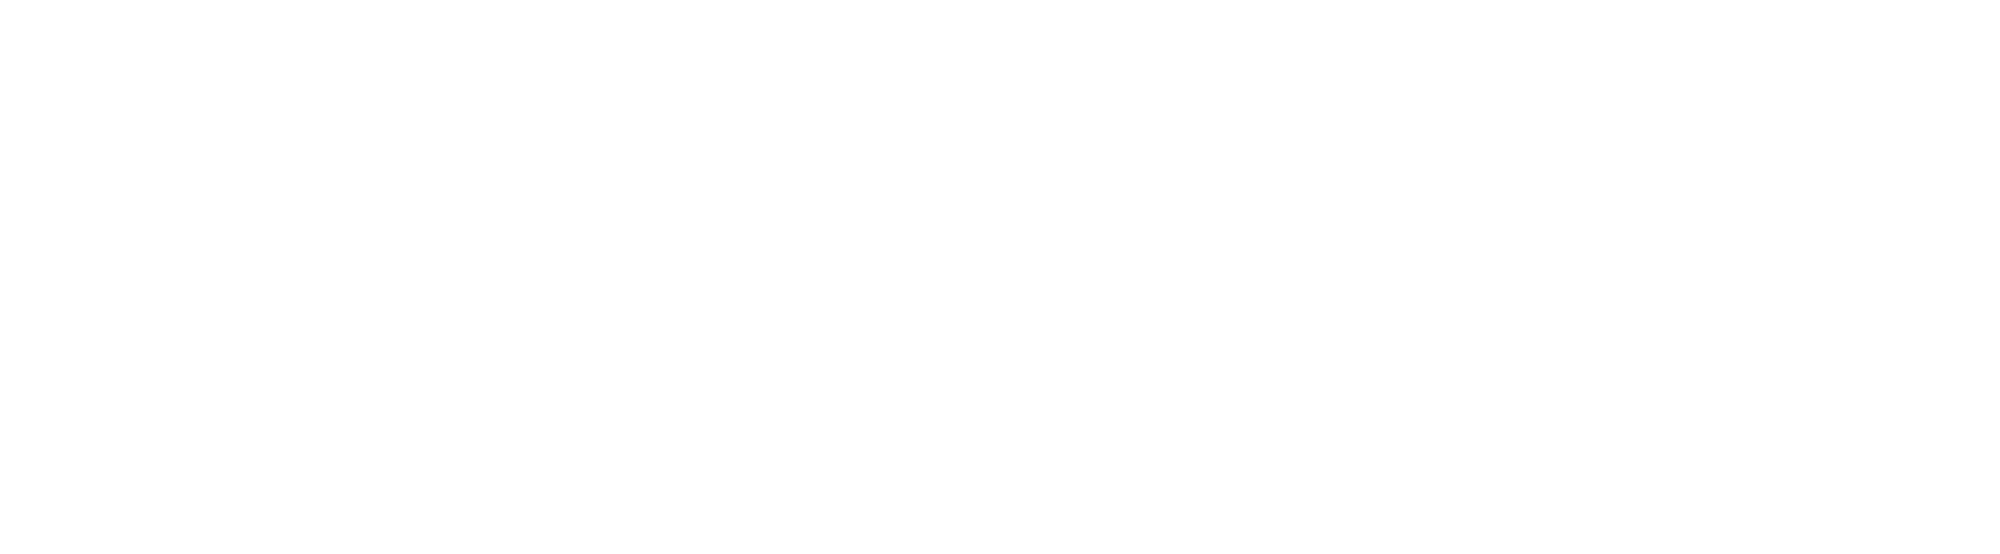 CS Trusty